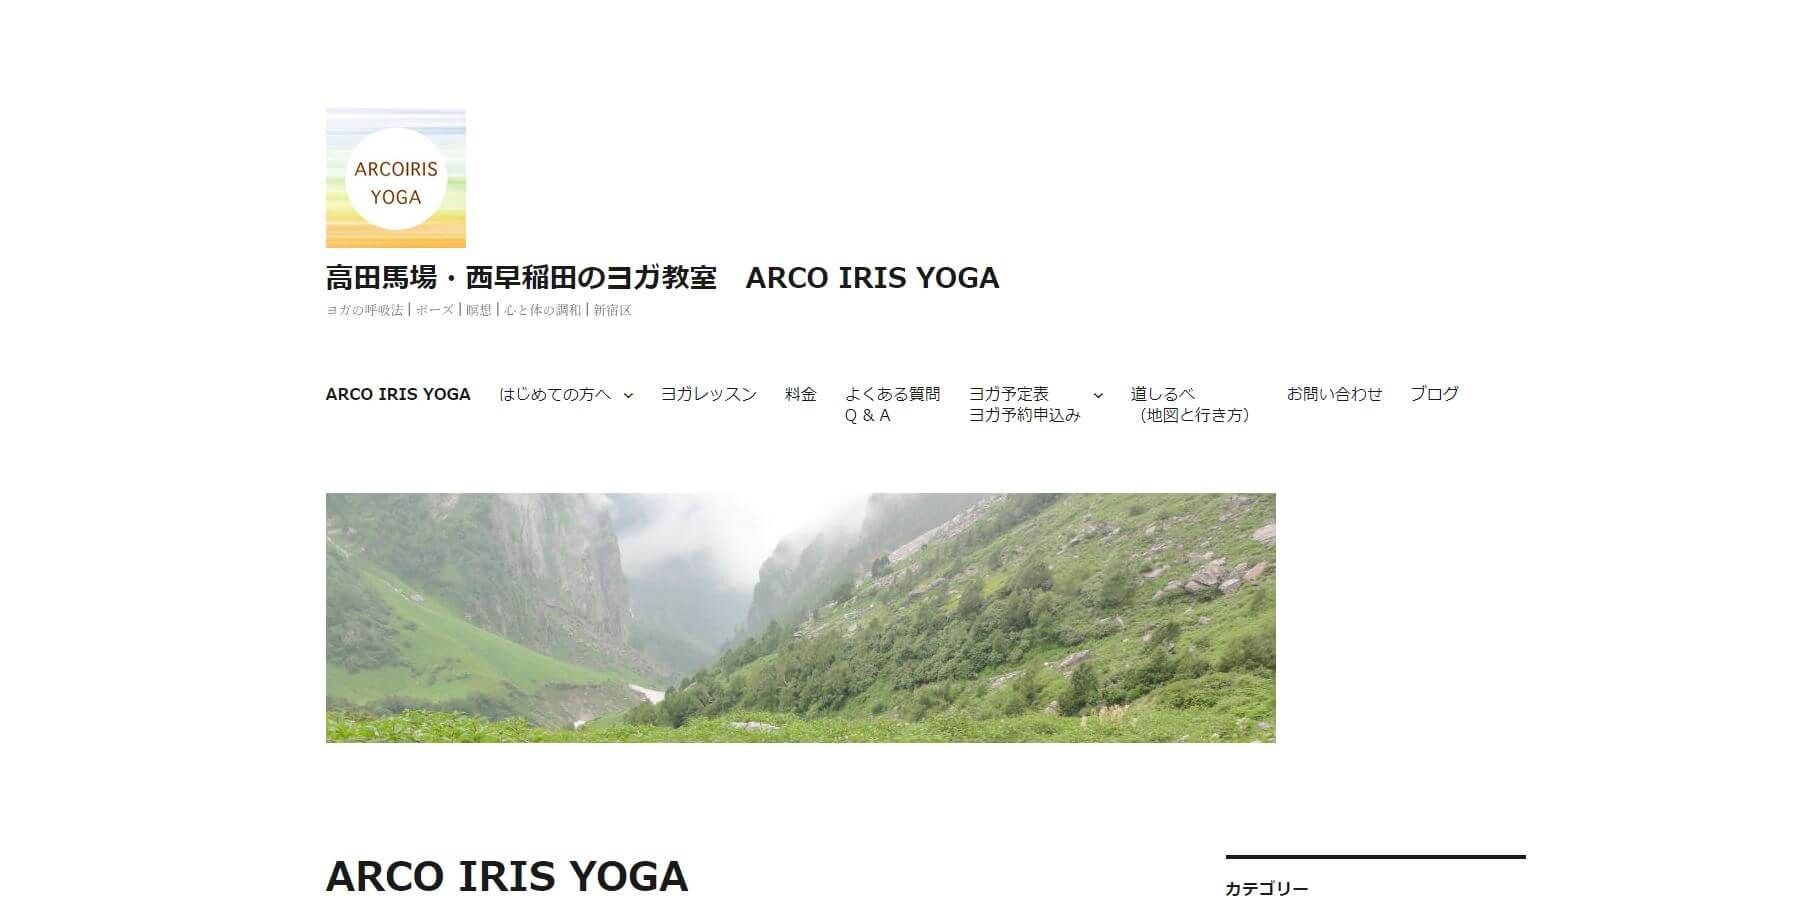 ARCO IRIS YOGA